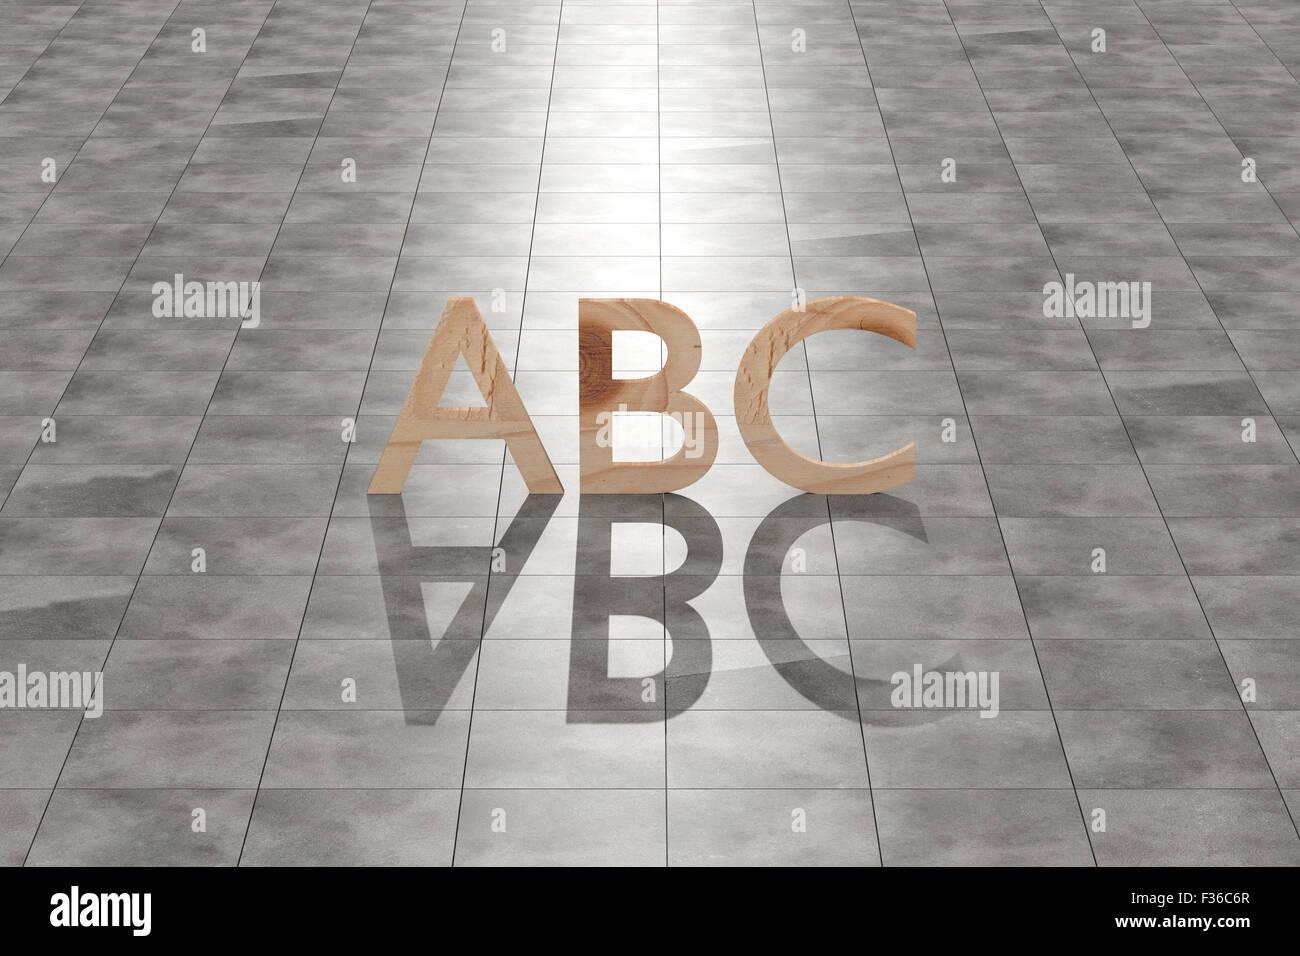 3D rendering di un legno lettere abc su un pavimento in piastrelle. Immagini Stock